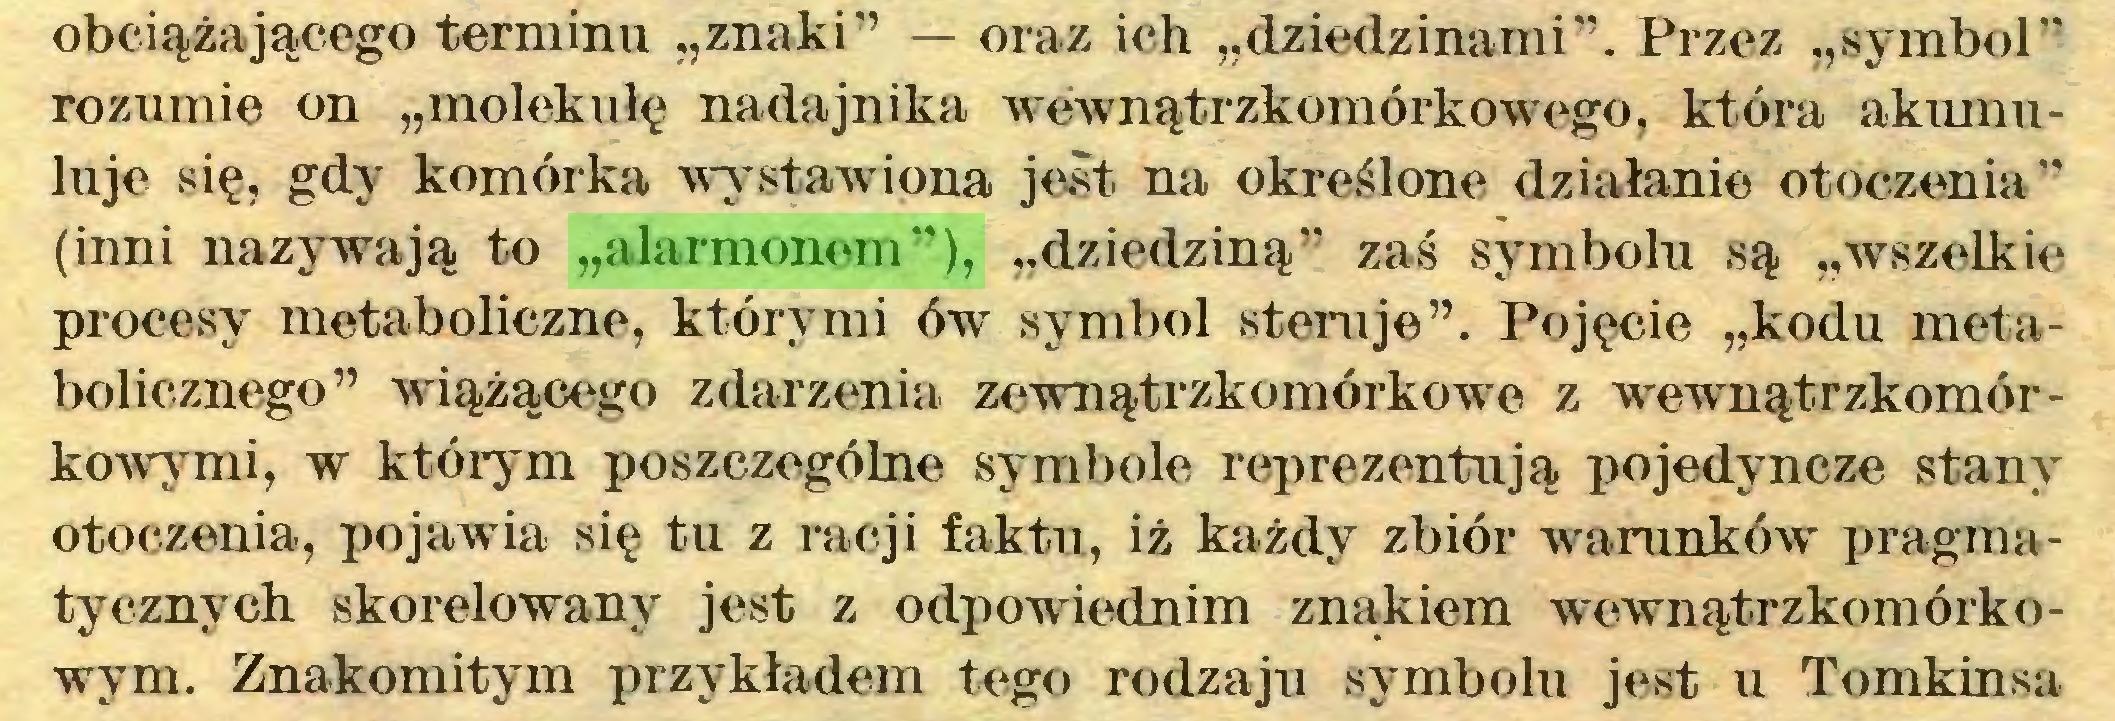 """(...) obciążającego terminu """"znaki"""" — oraz ich """"dziedzinami"""". Przez """"symbol"""" rozumie on """"molekułę nadajnika wewnątrzkomórkowego, która akuinuluje się, gdy komórka wystawiona jest na określone działanie otoczenia"""" (inni nazywają to """"alarmonem""""), """"dziedziną"""" zaś symbolu są """"wszelkie procesy metaboliczne, którymi ów symbol steruje"""". Pojęcie """"kodu metabolicznego"""" wiążącego zdarzenia zewnątrzkomórkowe z wewnątrzkomórkowymi, w którym poszczególne symbole reprezentują pojedyncze stany otoczenia, pojawia się tu z racji faktu, iż każdy zbiór warunków' pragmatycznych skorelowany jest z odpowiednim znakiem wewnątrzkomórkowym. Znakomitym przykładem tego rodzaju symbolu jest u Tomkinsa..."""